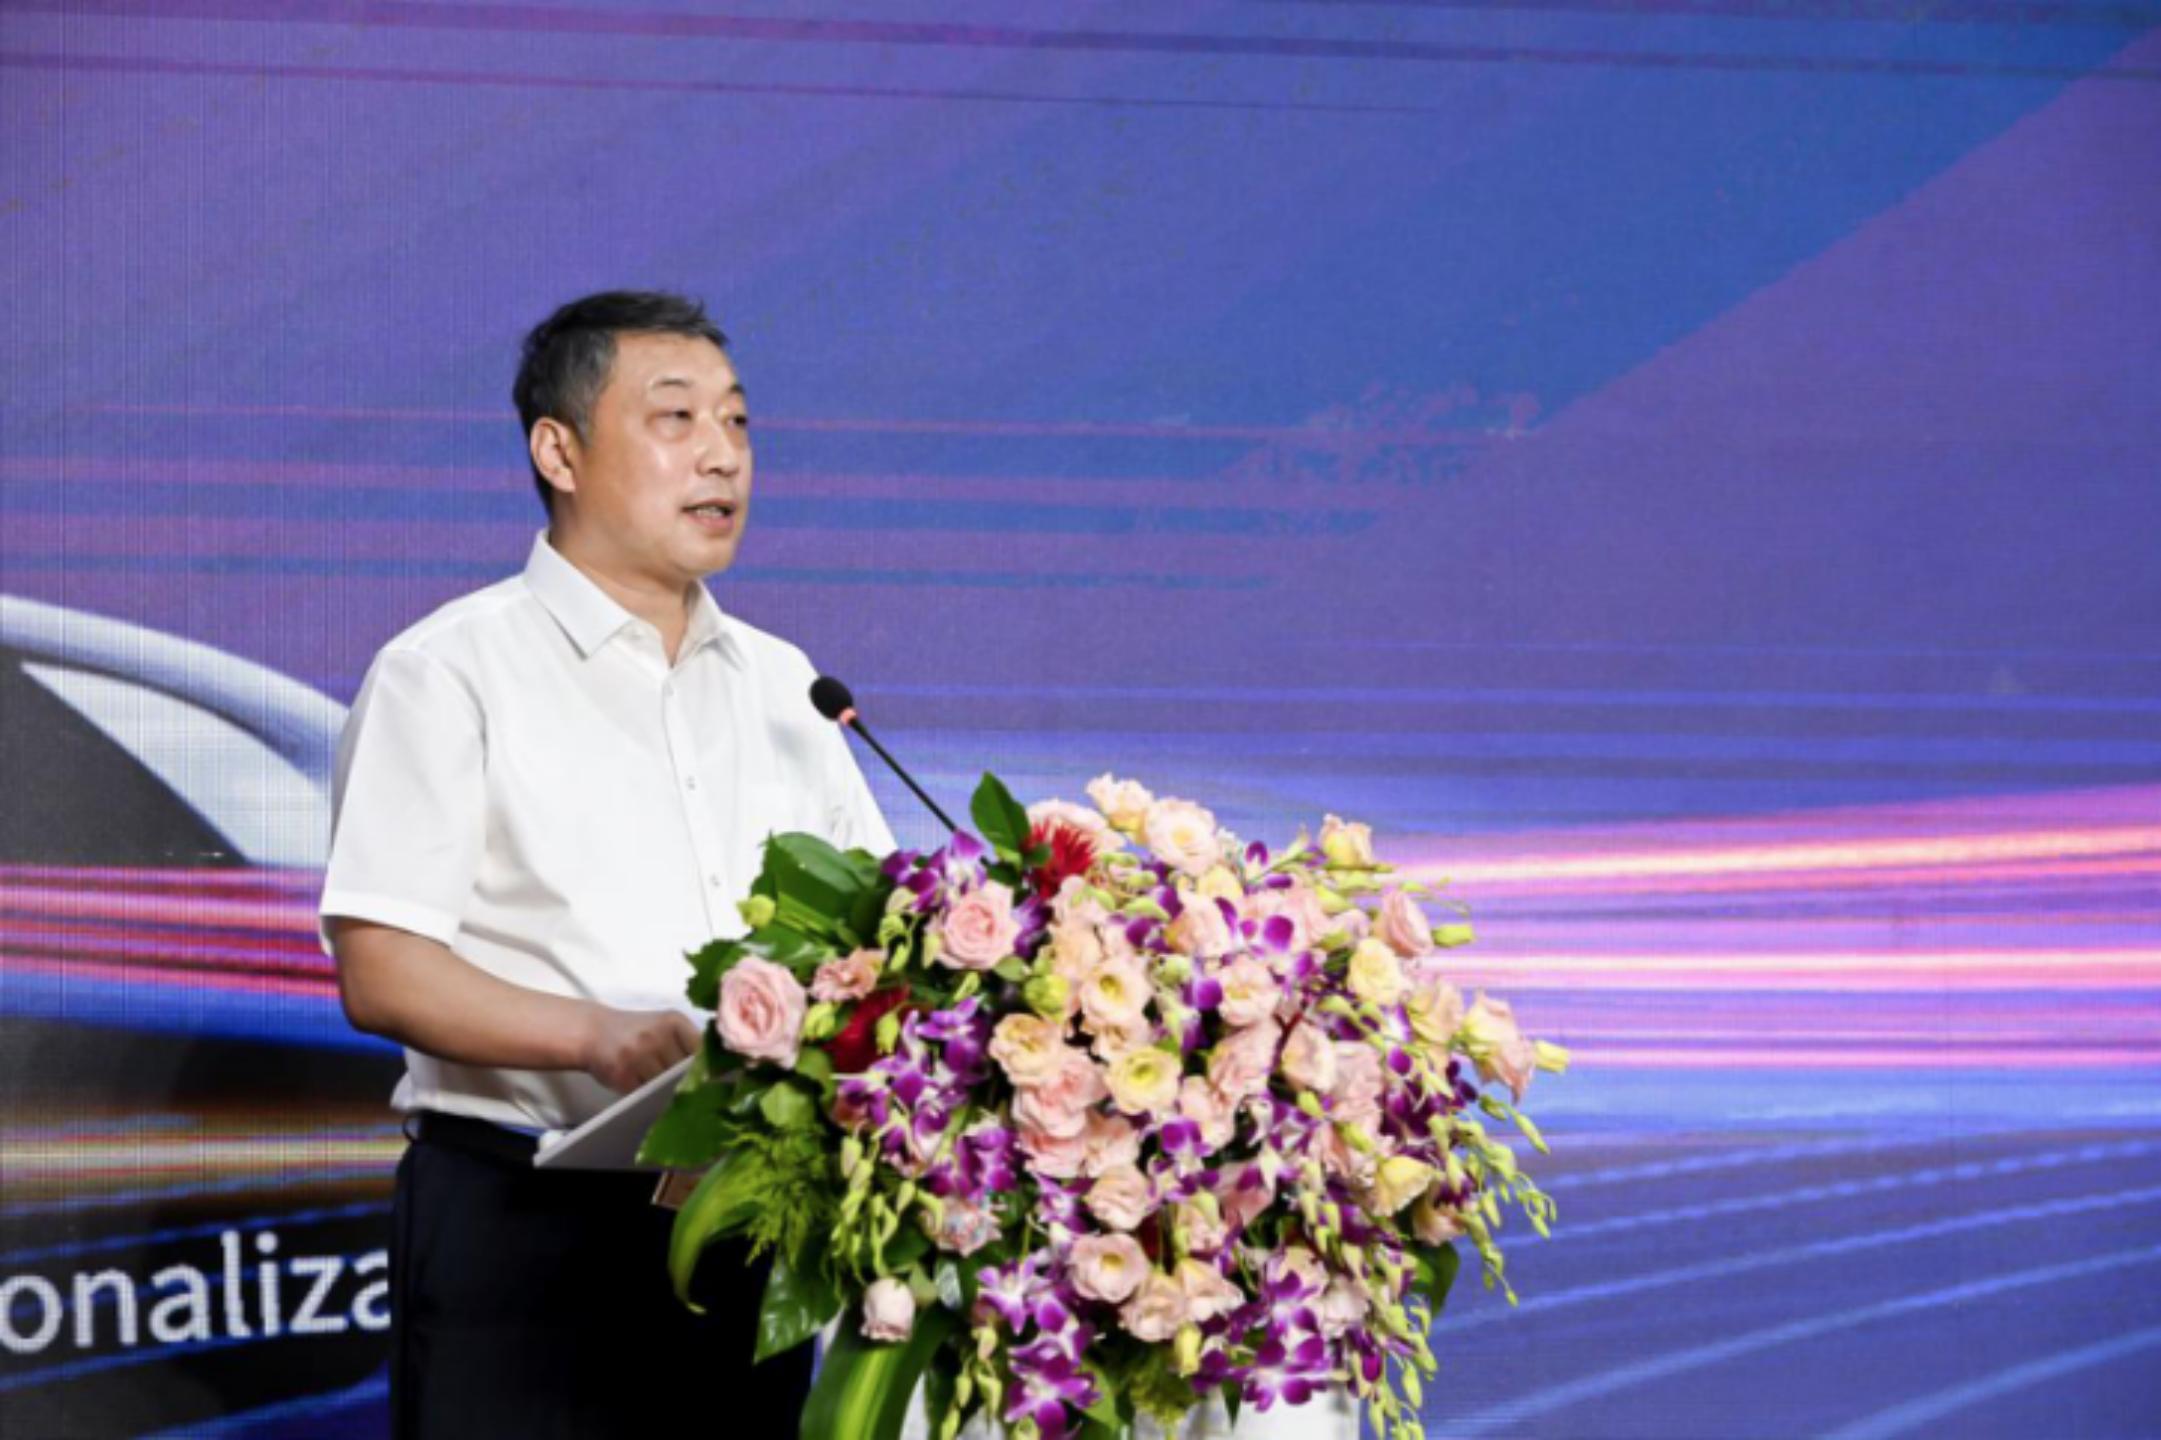 中国汽车标准国际化中心成立活动圆满举办-第4张图片-汽车笔记网